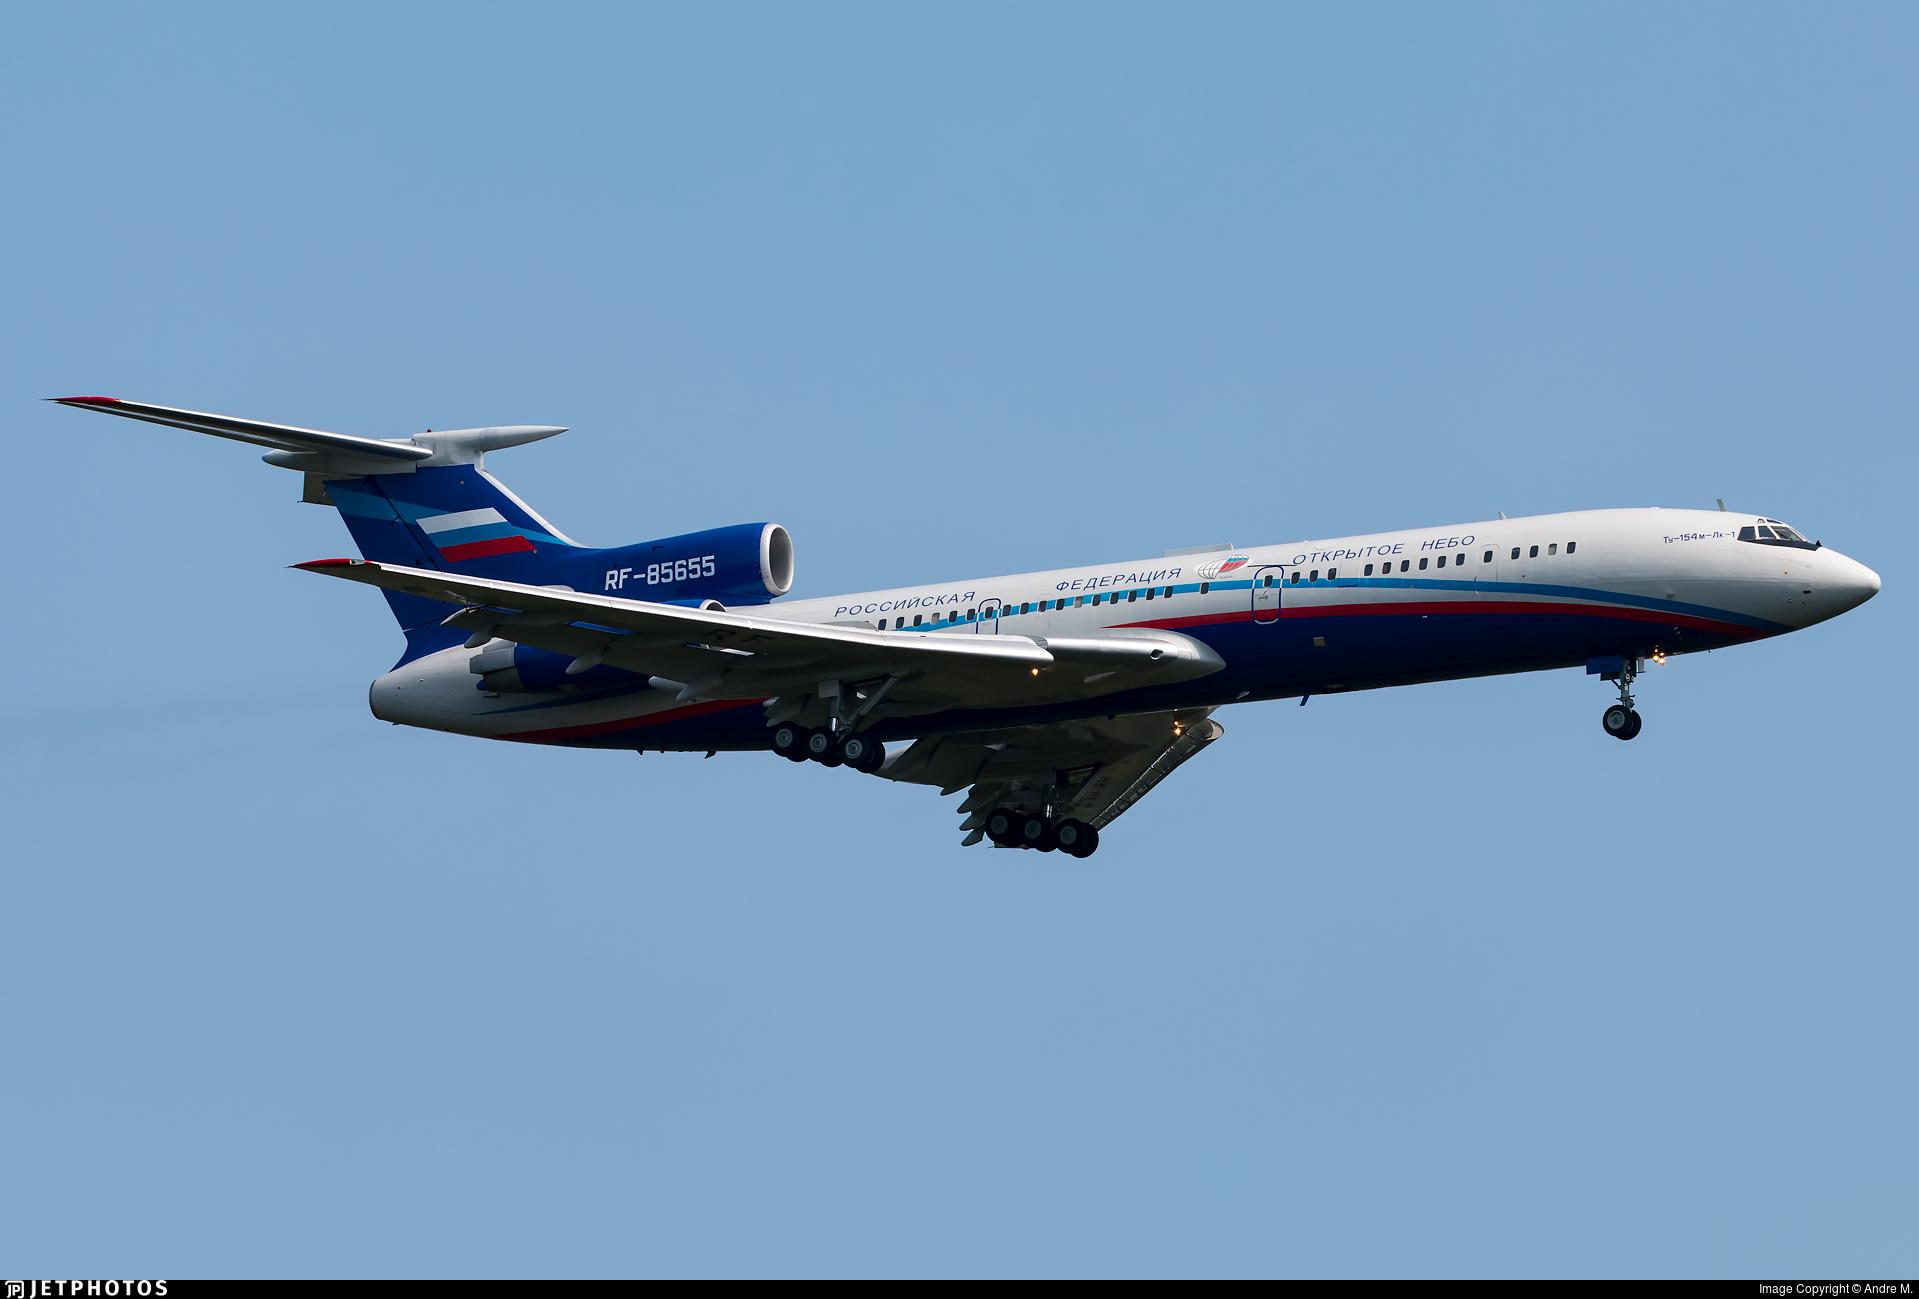 RF-85655 - Tupolev Tu-154M-LK-1 - Russia - Air Force